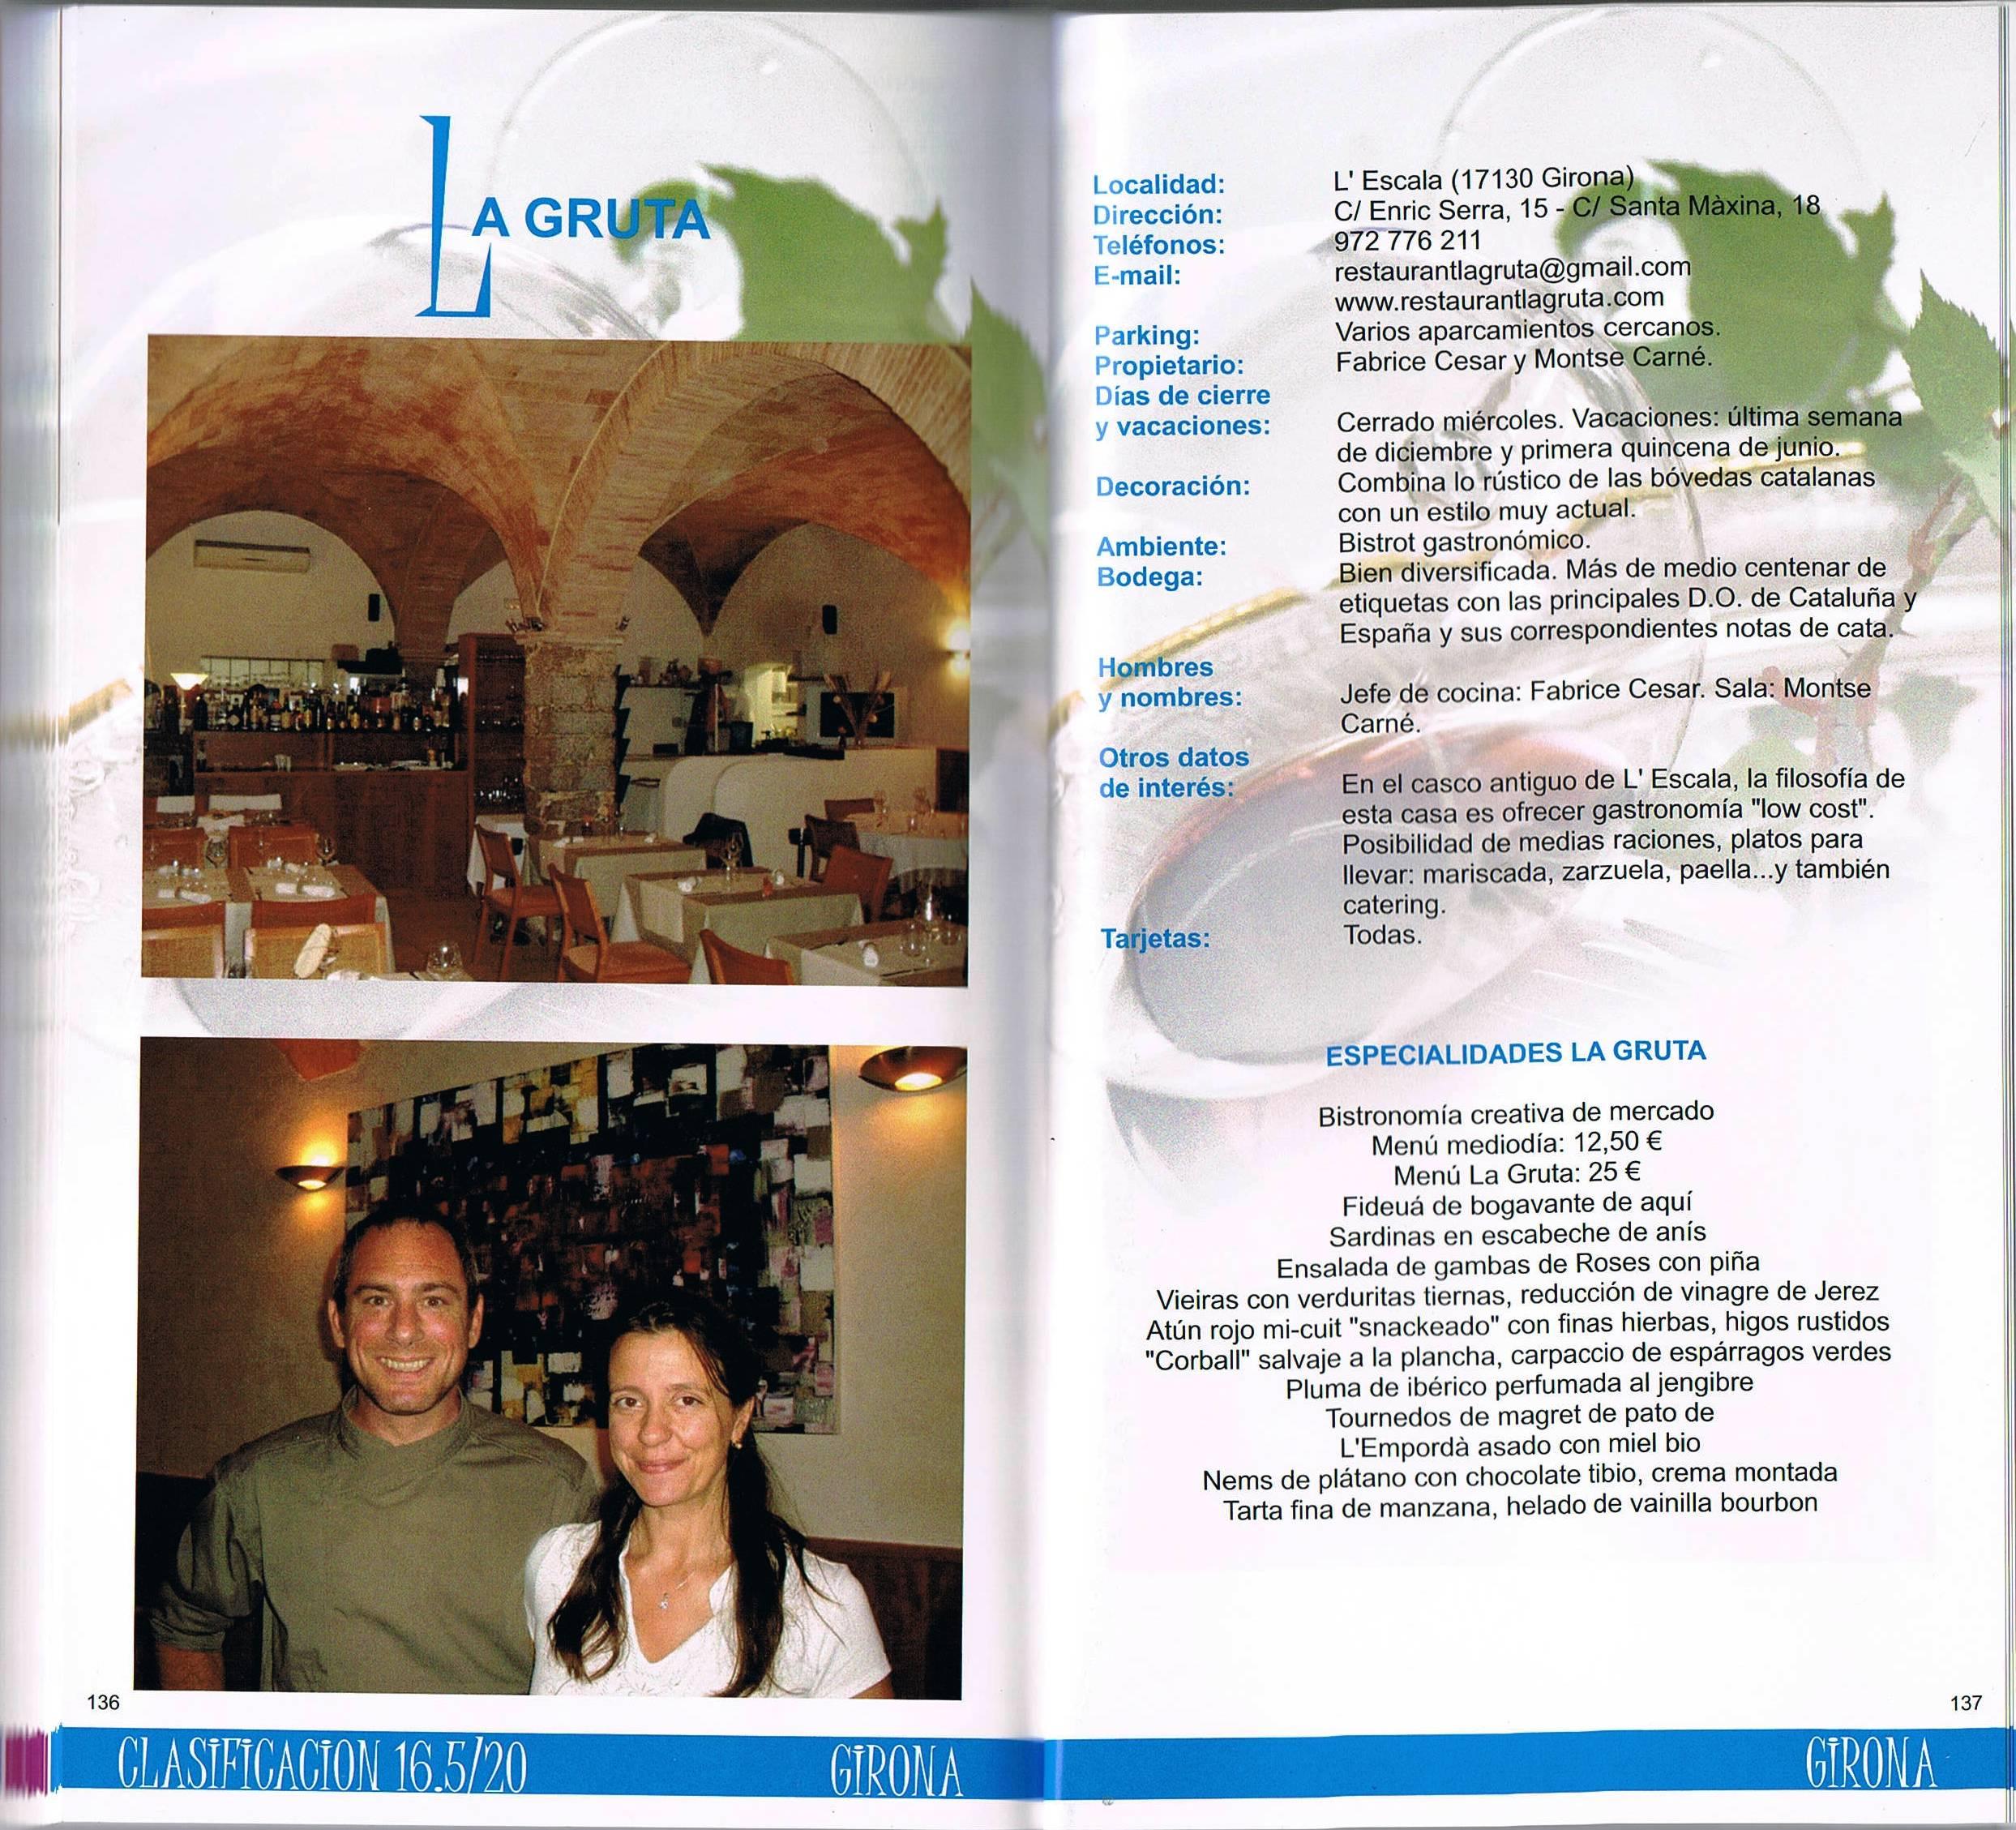 Guia Gourmet Passport